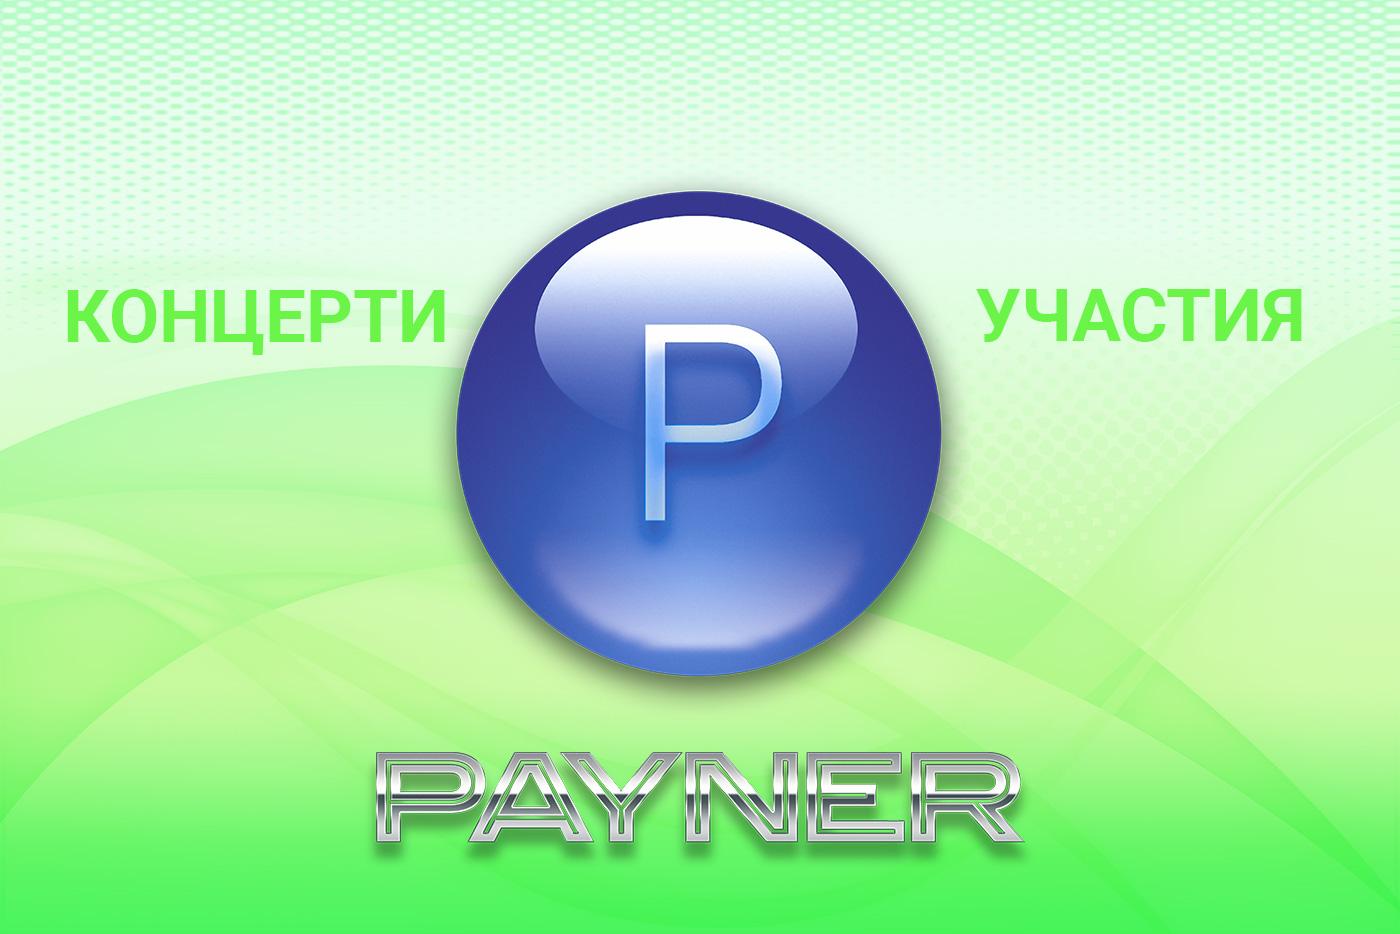 """Участия на звездите на """"Пайнер"""" на 08.08.2019"""